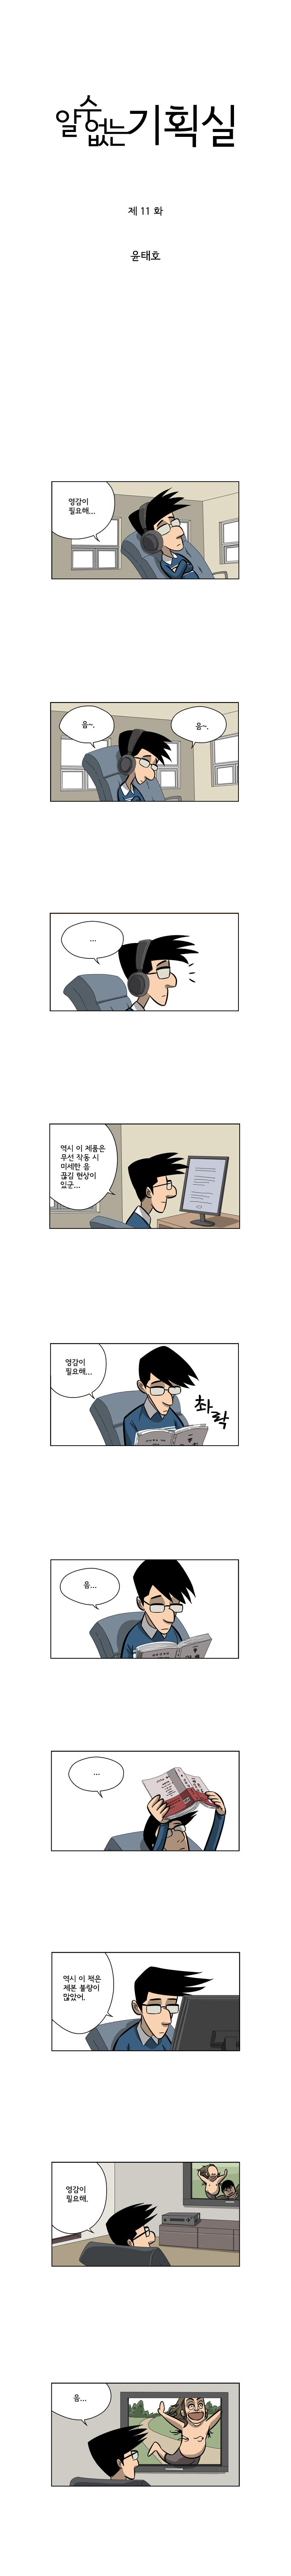 윤태호의 『알 수 없는 기획실』 #11 1